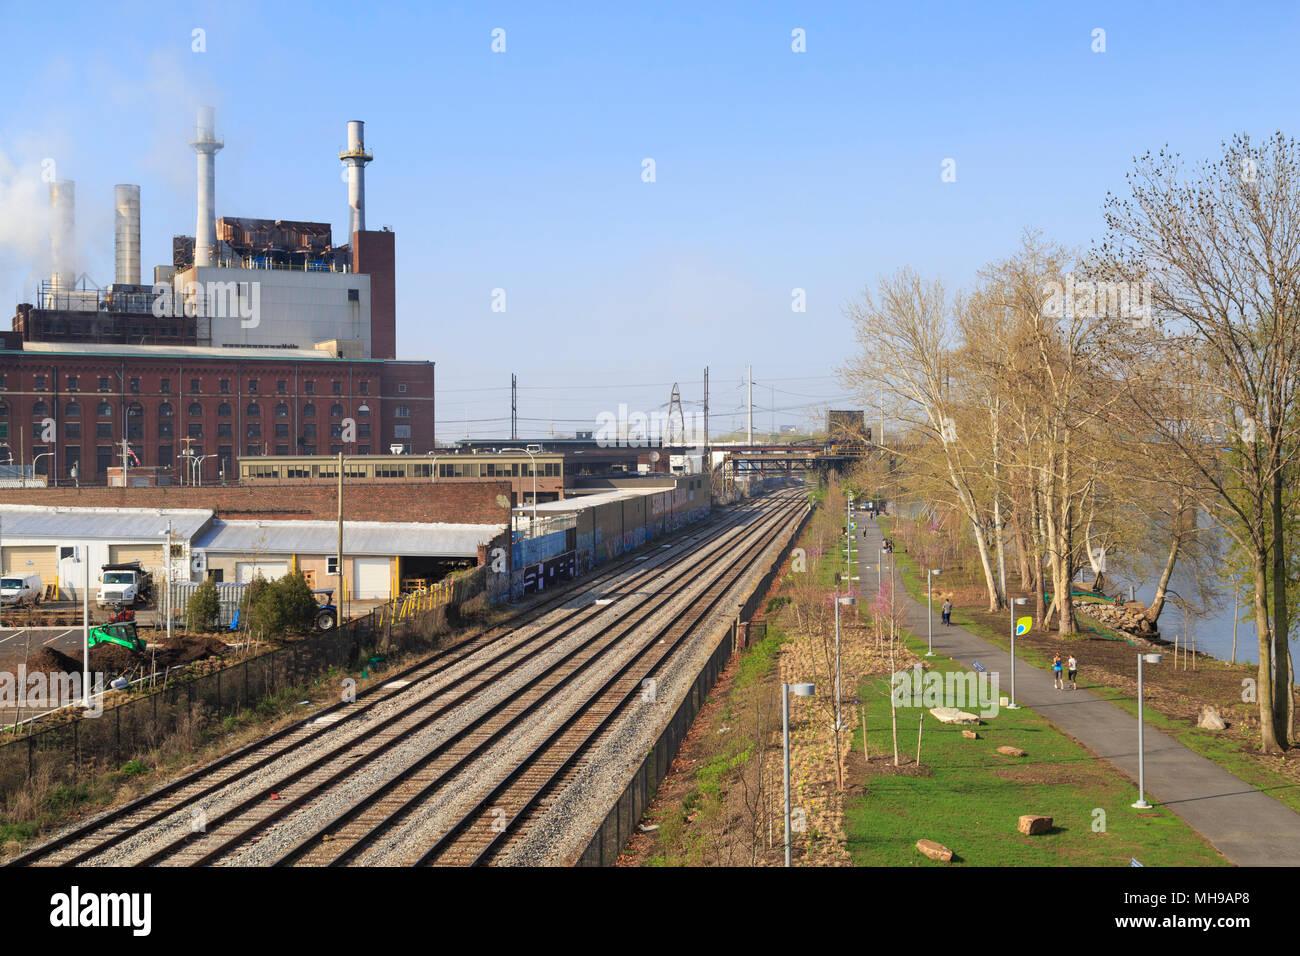 Banche Schuylkill Ricreazione percorso e il treno tracksin rivitalizzato area industriale con Veolia energia termica impianto, Philadelphia, Pennsylvania, STATI UNITI D'AMERICA Immagini Stock